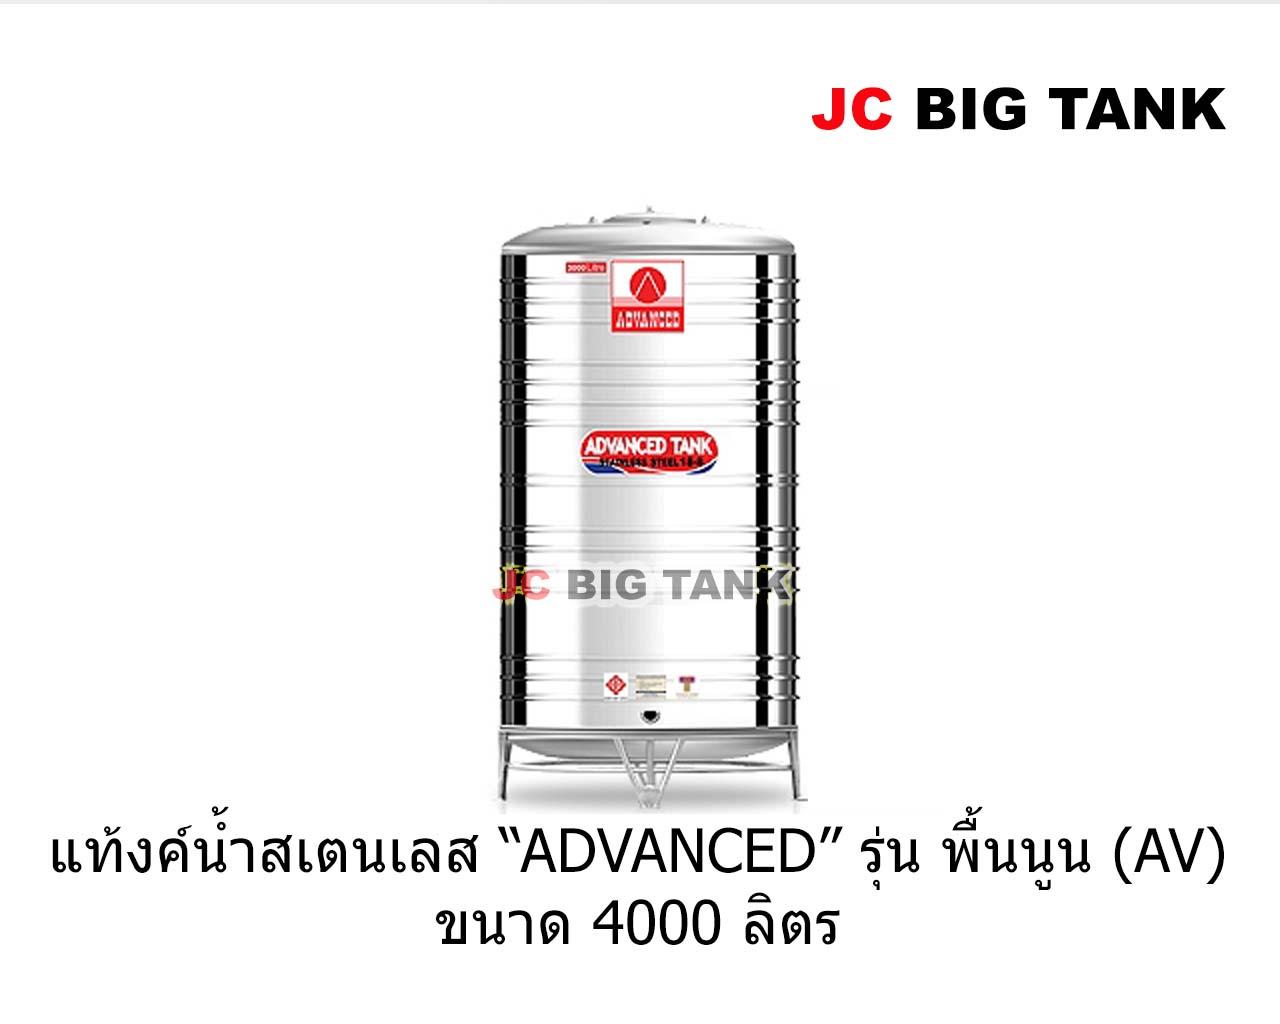 แท้งค์น้ำสแตนเลส ADVANCE รุ่น พื้นนูน (AV) ขนาด 4000 ลิตร